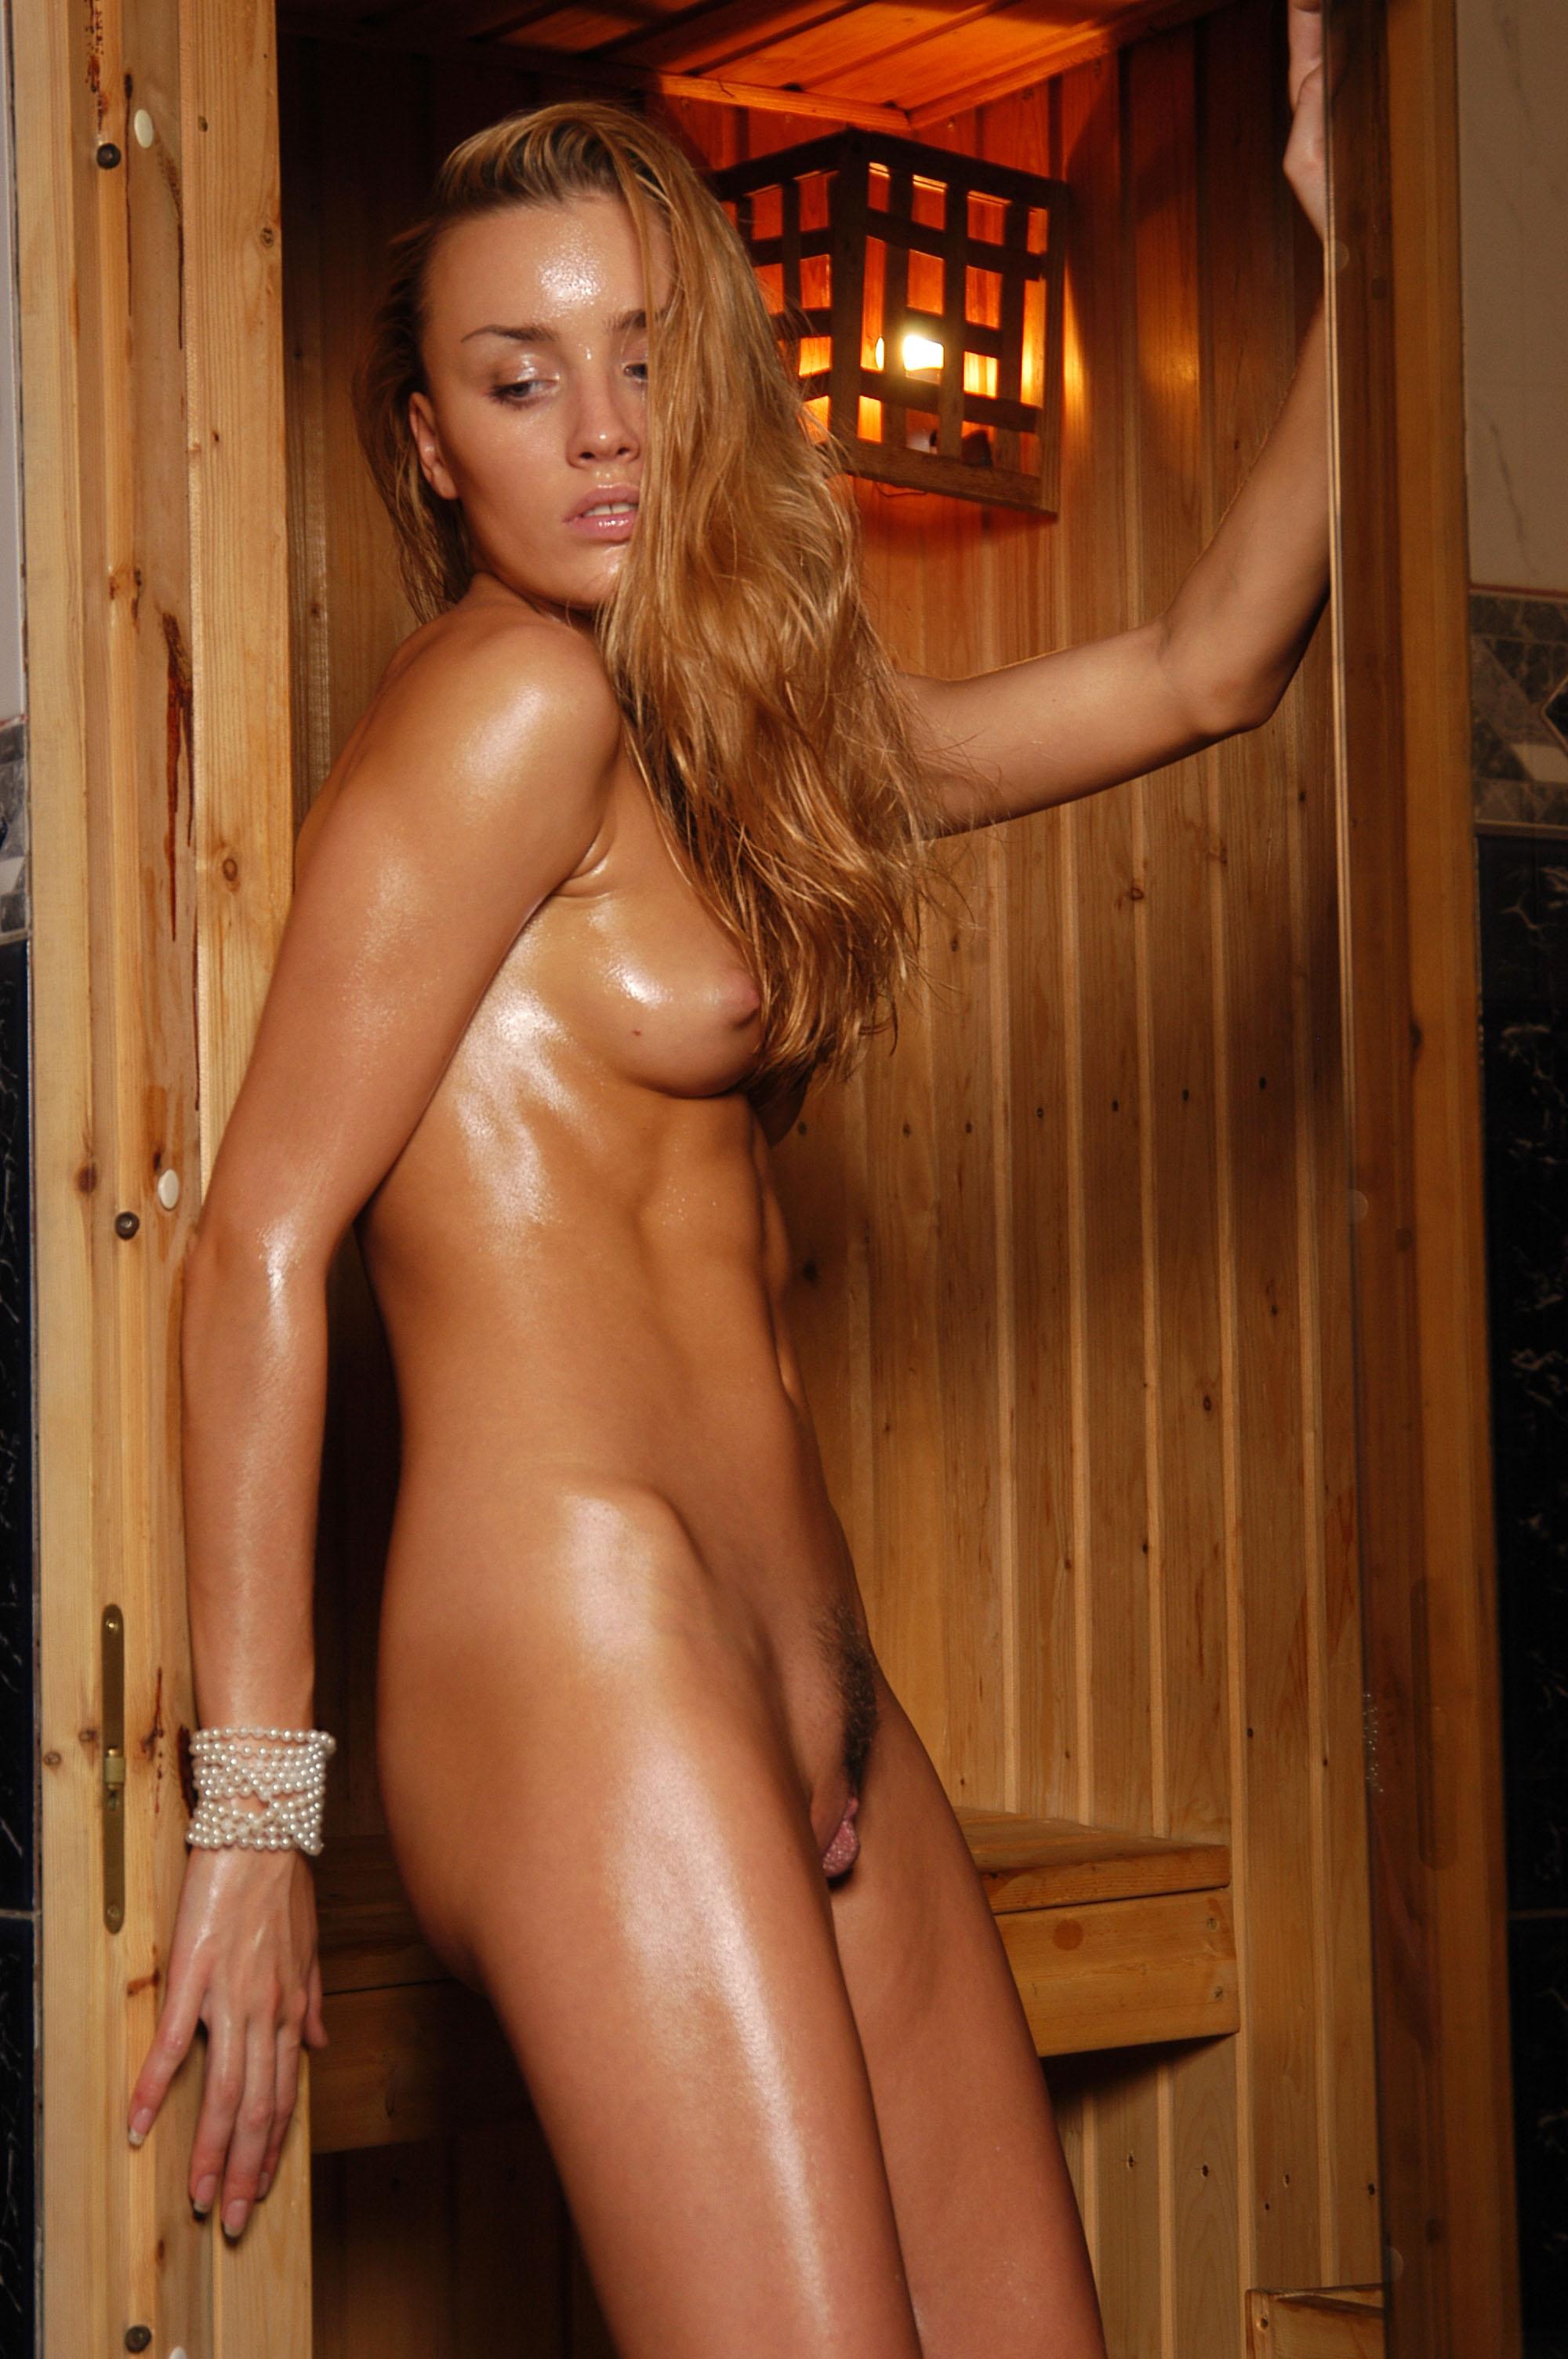 Фото потная голая жена 17 фотография